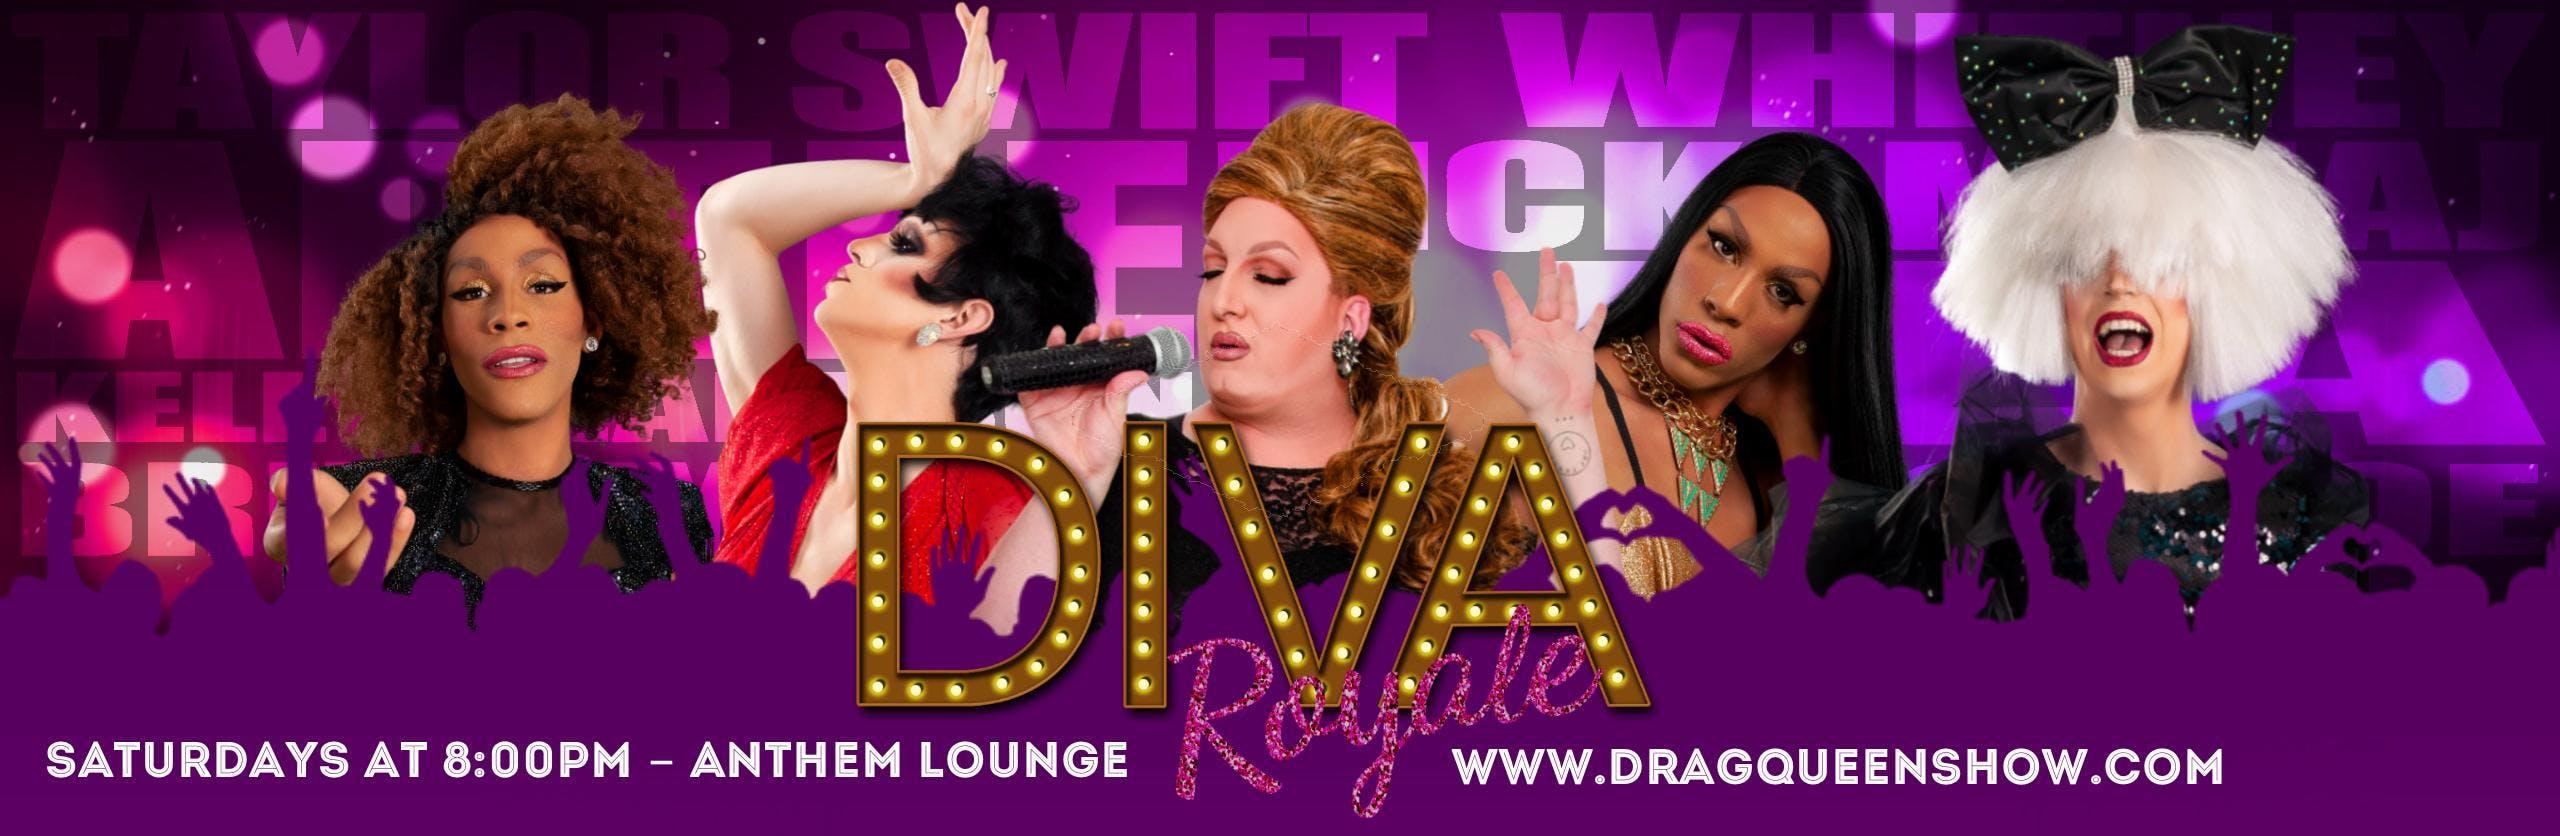 Diva Royale - Drag Queen Show Tropicana Atlantic City